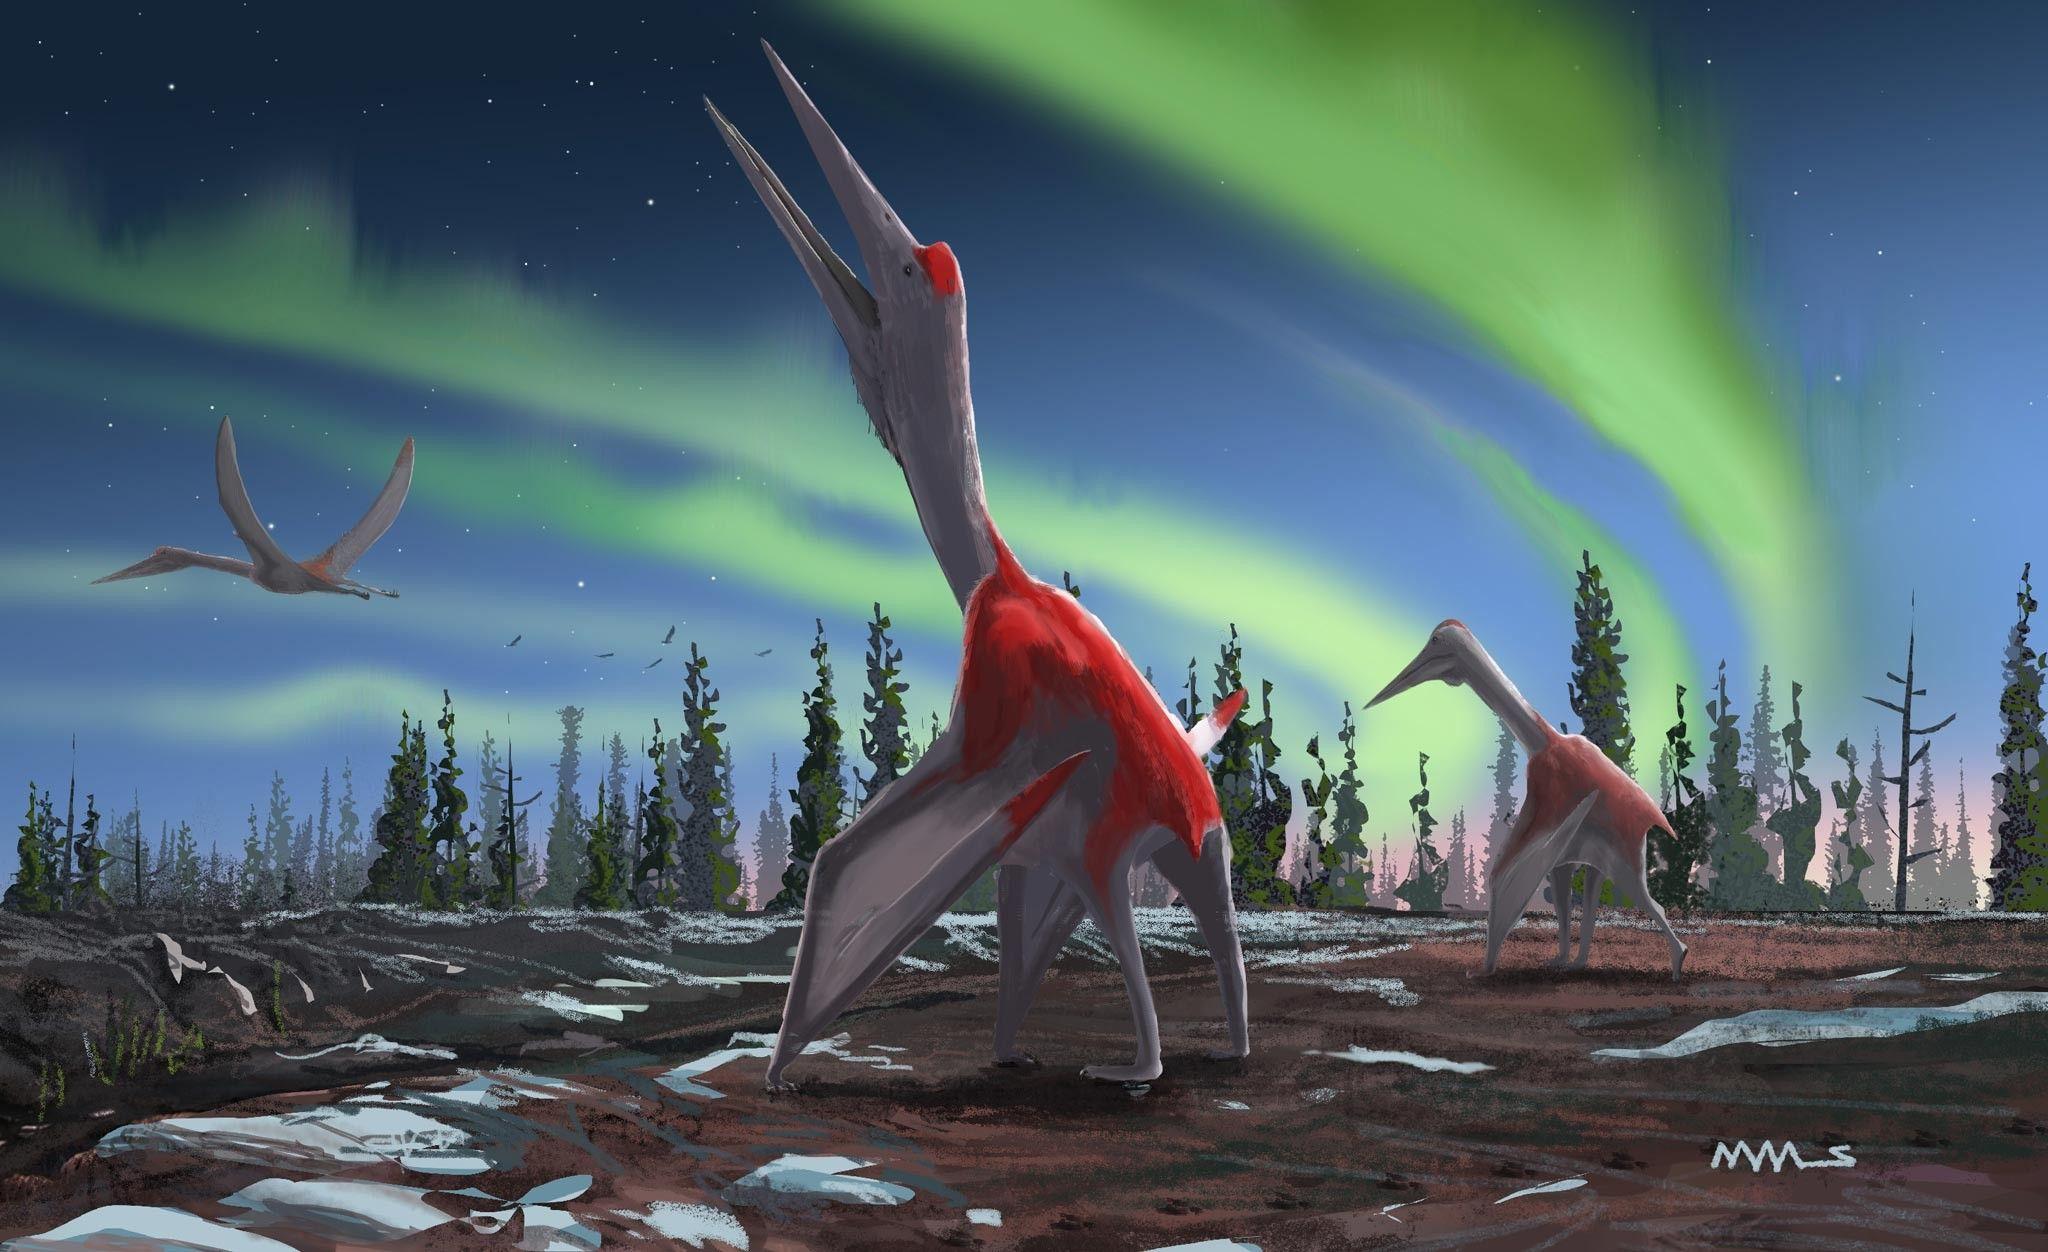 Paléontologie : découverte d'un dragon piégé dans la glace | National Geographic